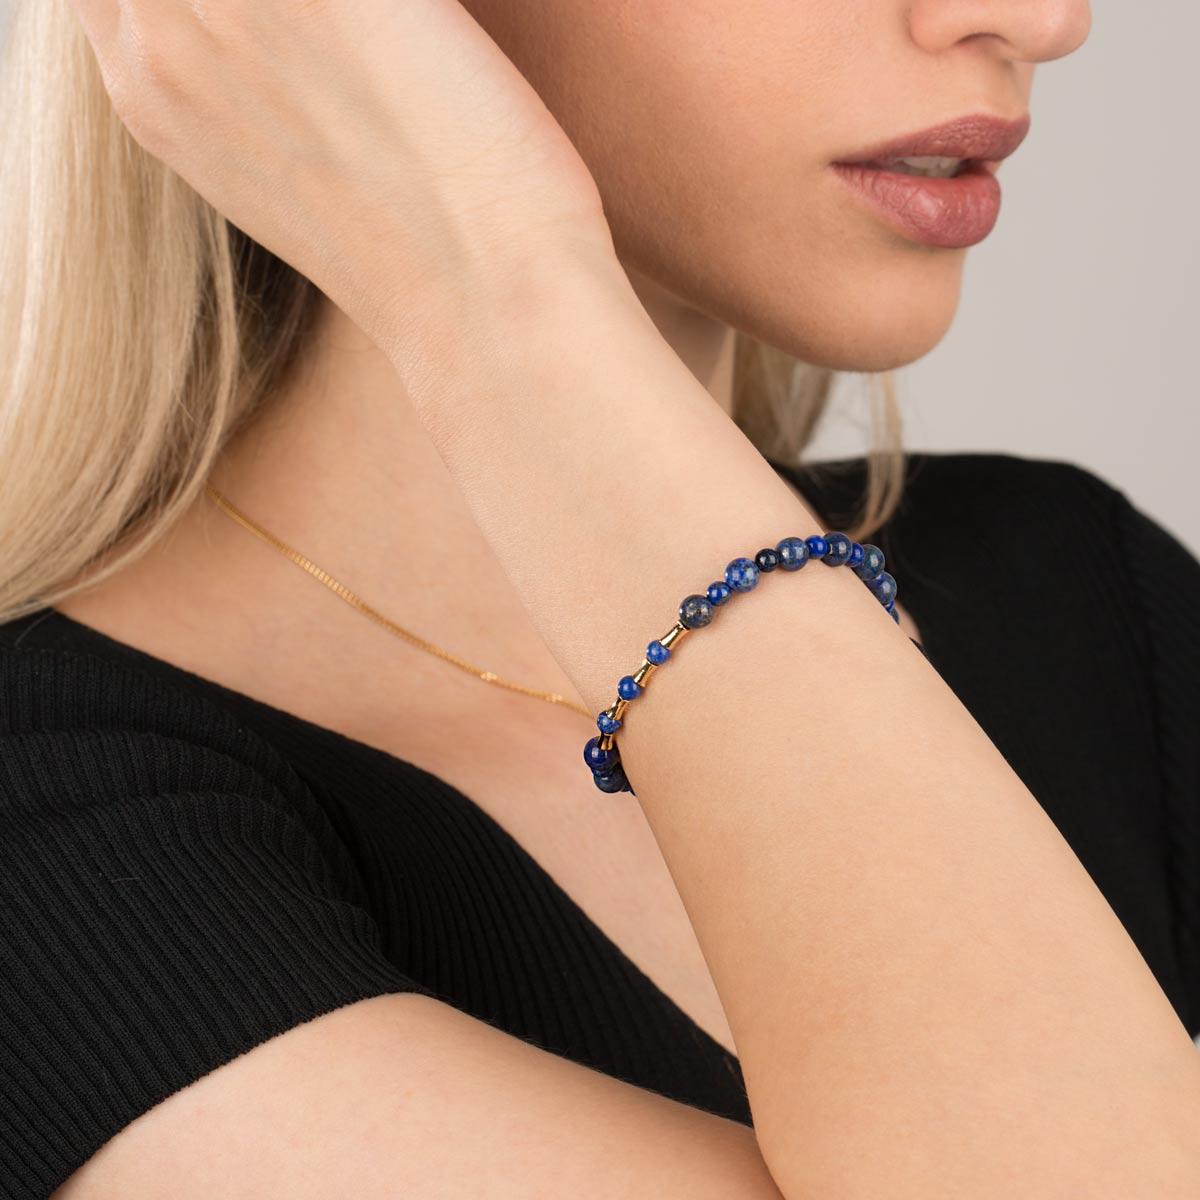 دستبند طلا سنگی چهار استوانه